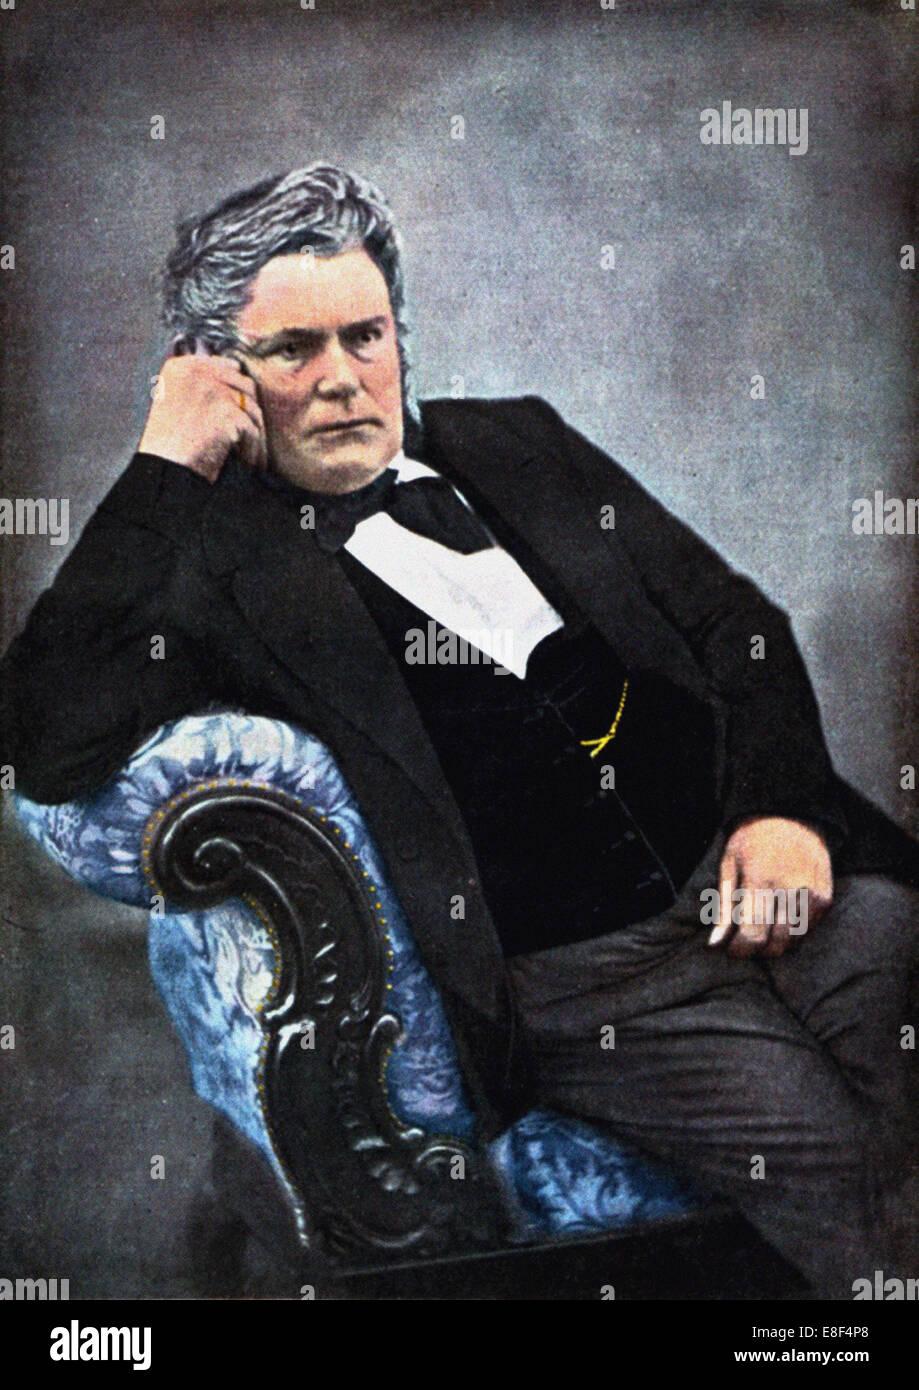 Immanuel Nobel (1801-1872), der jüngere Künstler: anonym Stockbild